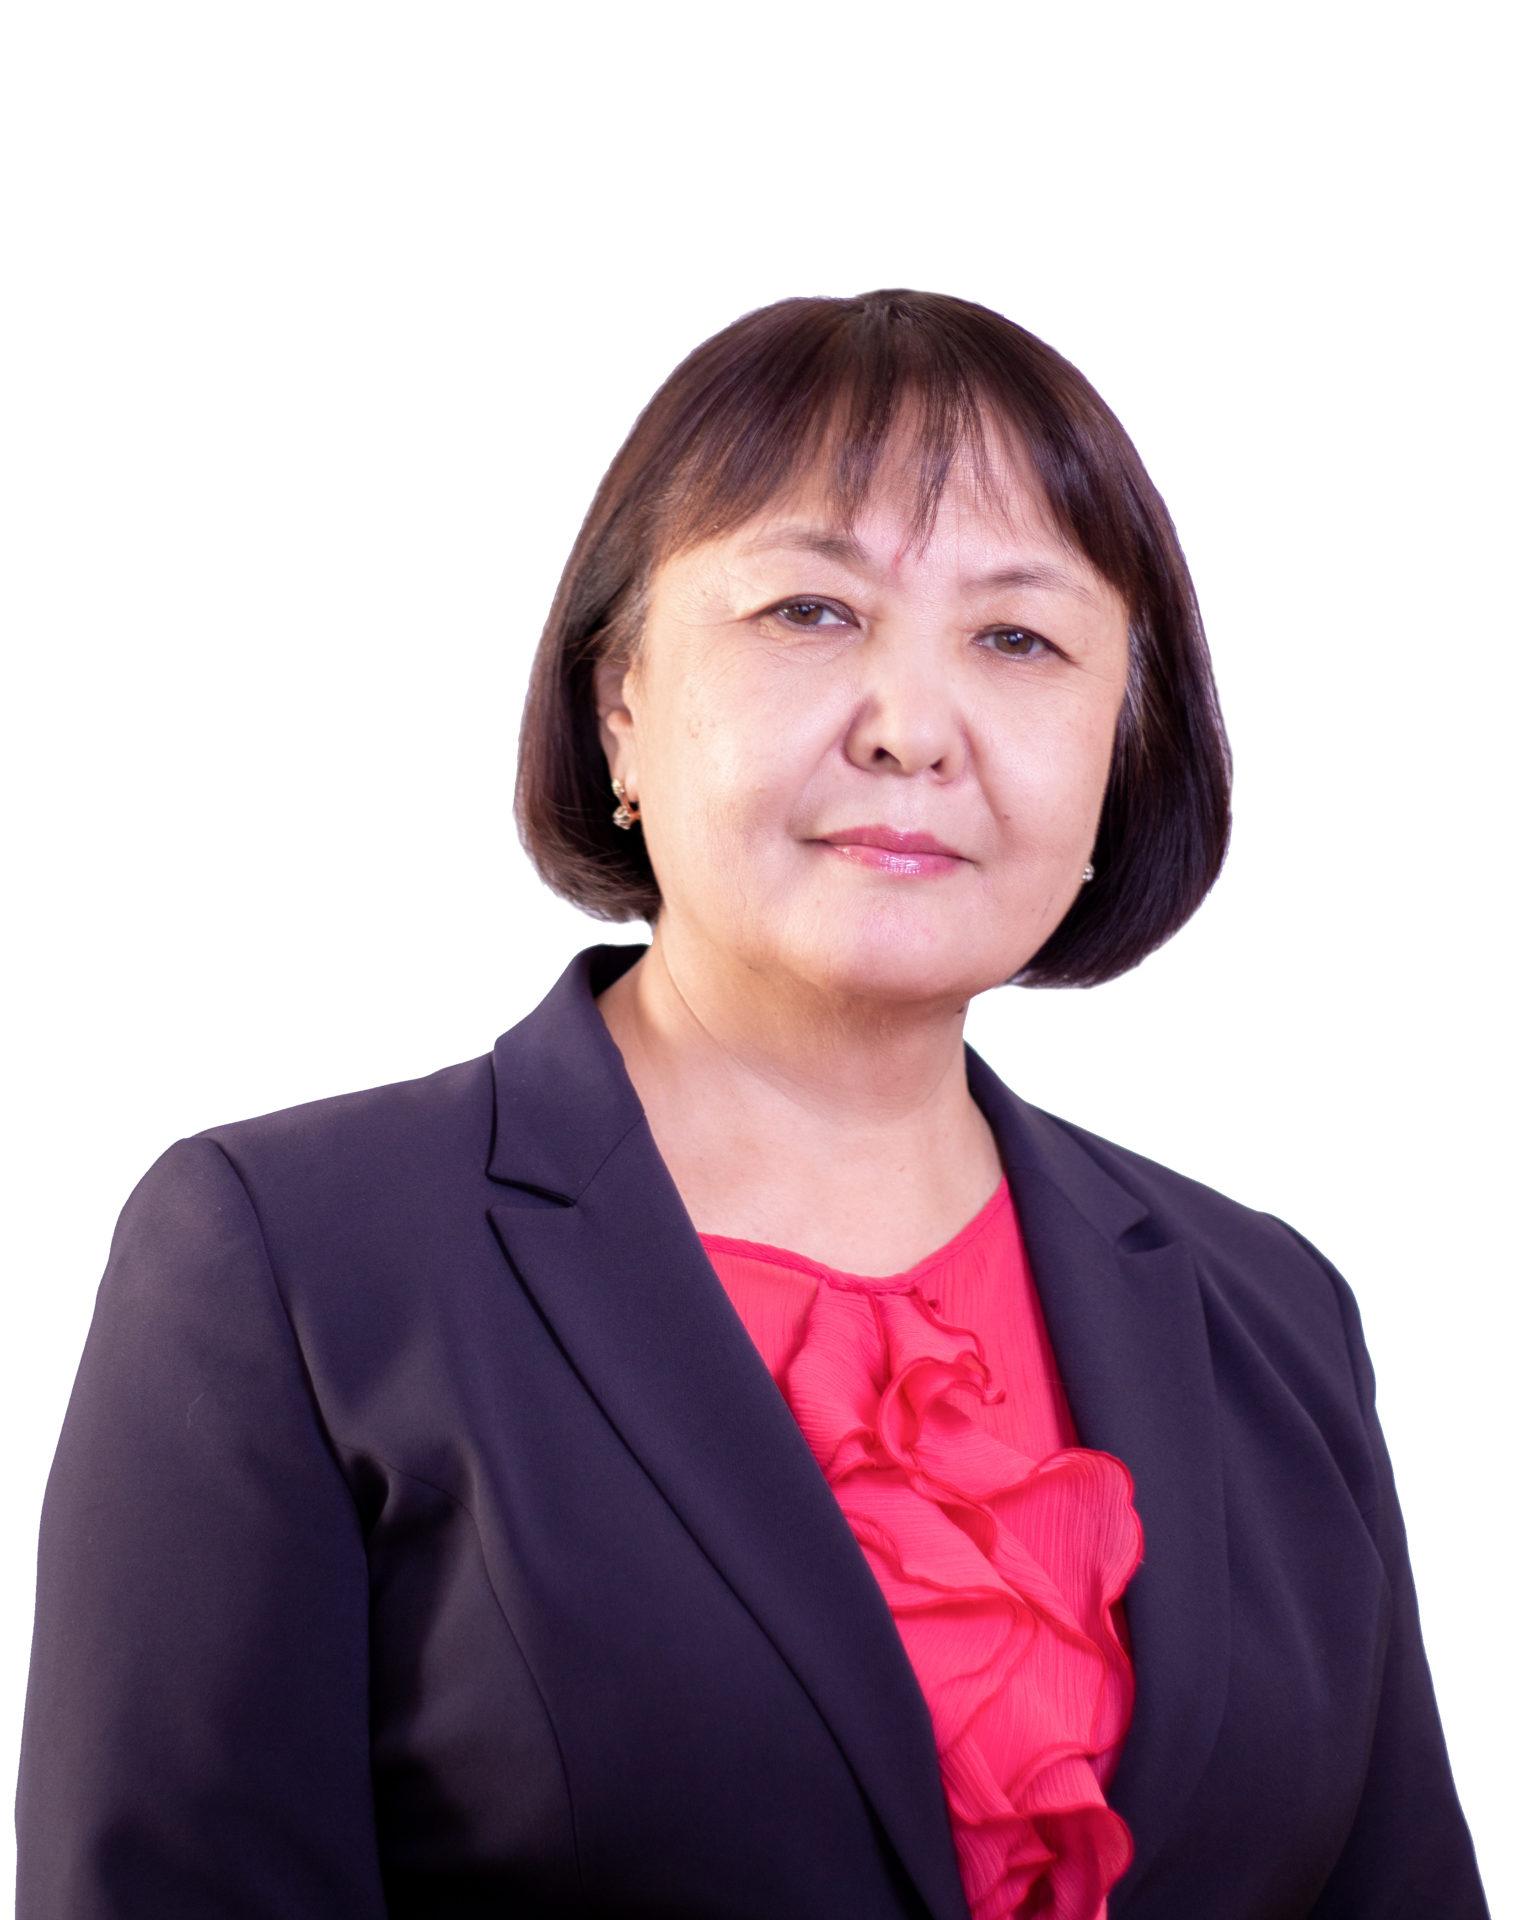 Саргылана Васильева: «Необходимо сократить количество алкомаркетов и пивных точек»